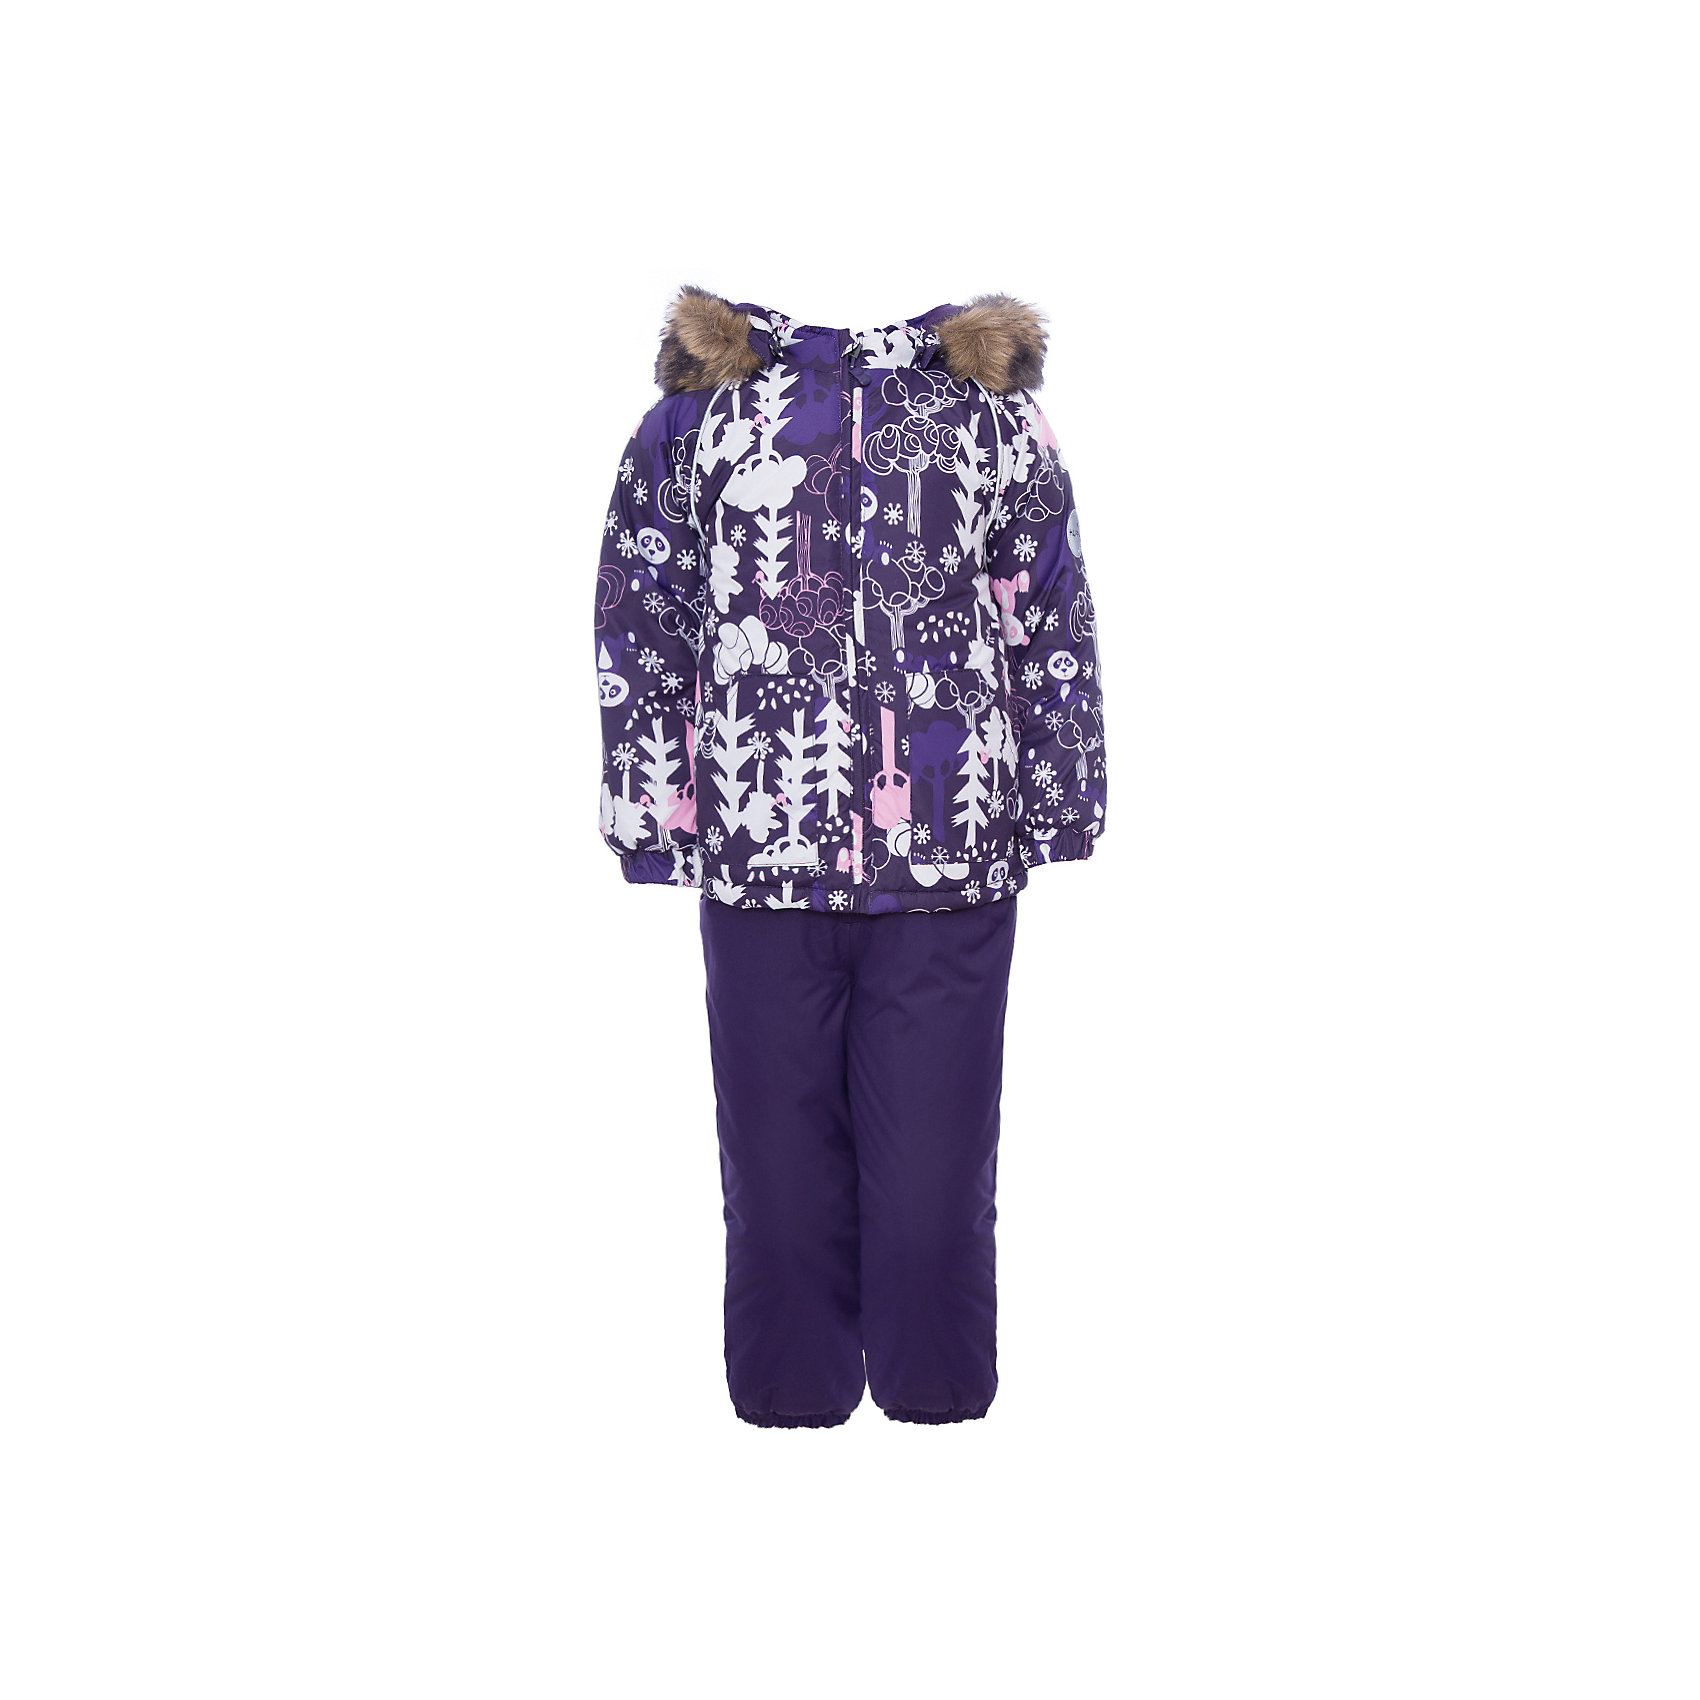 Комплект: куртка и брюки AVERY HuppaКомплекты<br>Комплект для малышей  AVERY.Водо и воздухонепроницаемость 5 000 куртка / 10 000 брюки. Утеплитель 300 гр куртка/160 гр брюки. Подкладка фланель 100% хлопок.Отстегивающийся капюшон с мехом.Манжеты рукавов на резинке. Манжеты брюк на резинке.Добавлены петли для ступней.Резиновые подтяжки.Имеются светоотражательные элементы.<br>Состав:<br>100% Полиэстер<br><br>Ширина мм: 356<br>Глубина мм: 10<br>Высота мм: 245<br>Вес г: 519<br>Цвет: лиловый<br>Возраст от месяцев: 12<br>Возраст до месяцев: 18<br>Пол: Унисекс<br>Возраст: Детский<br>Размер: 104,80,86,92,98<br>SKU: 7027036